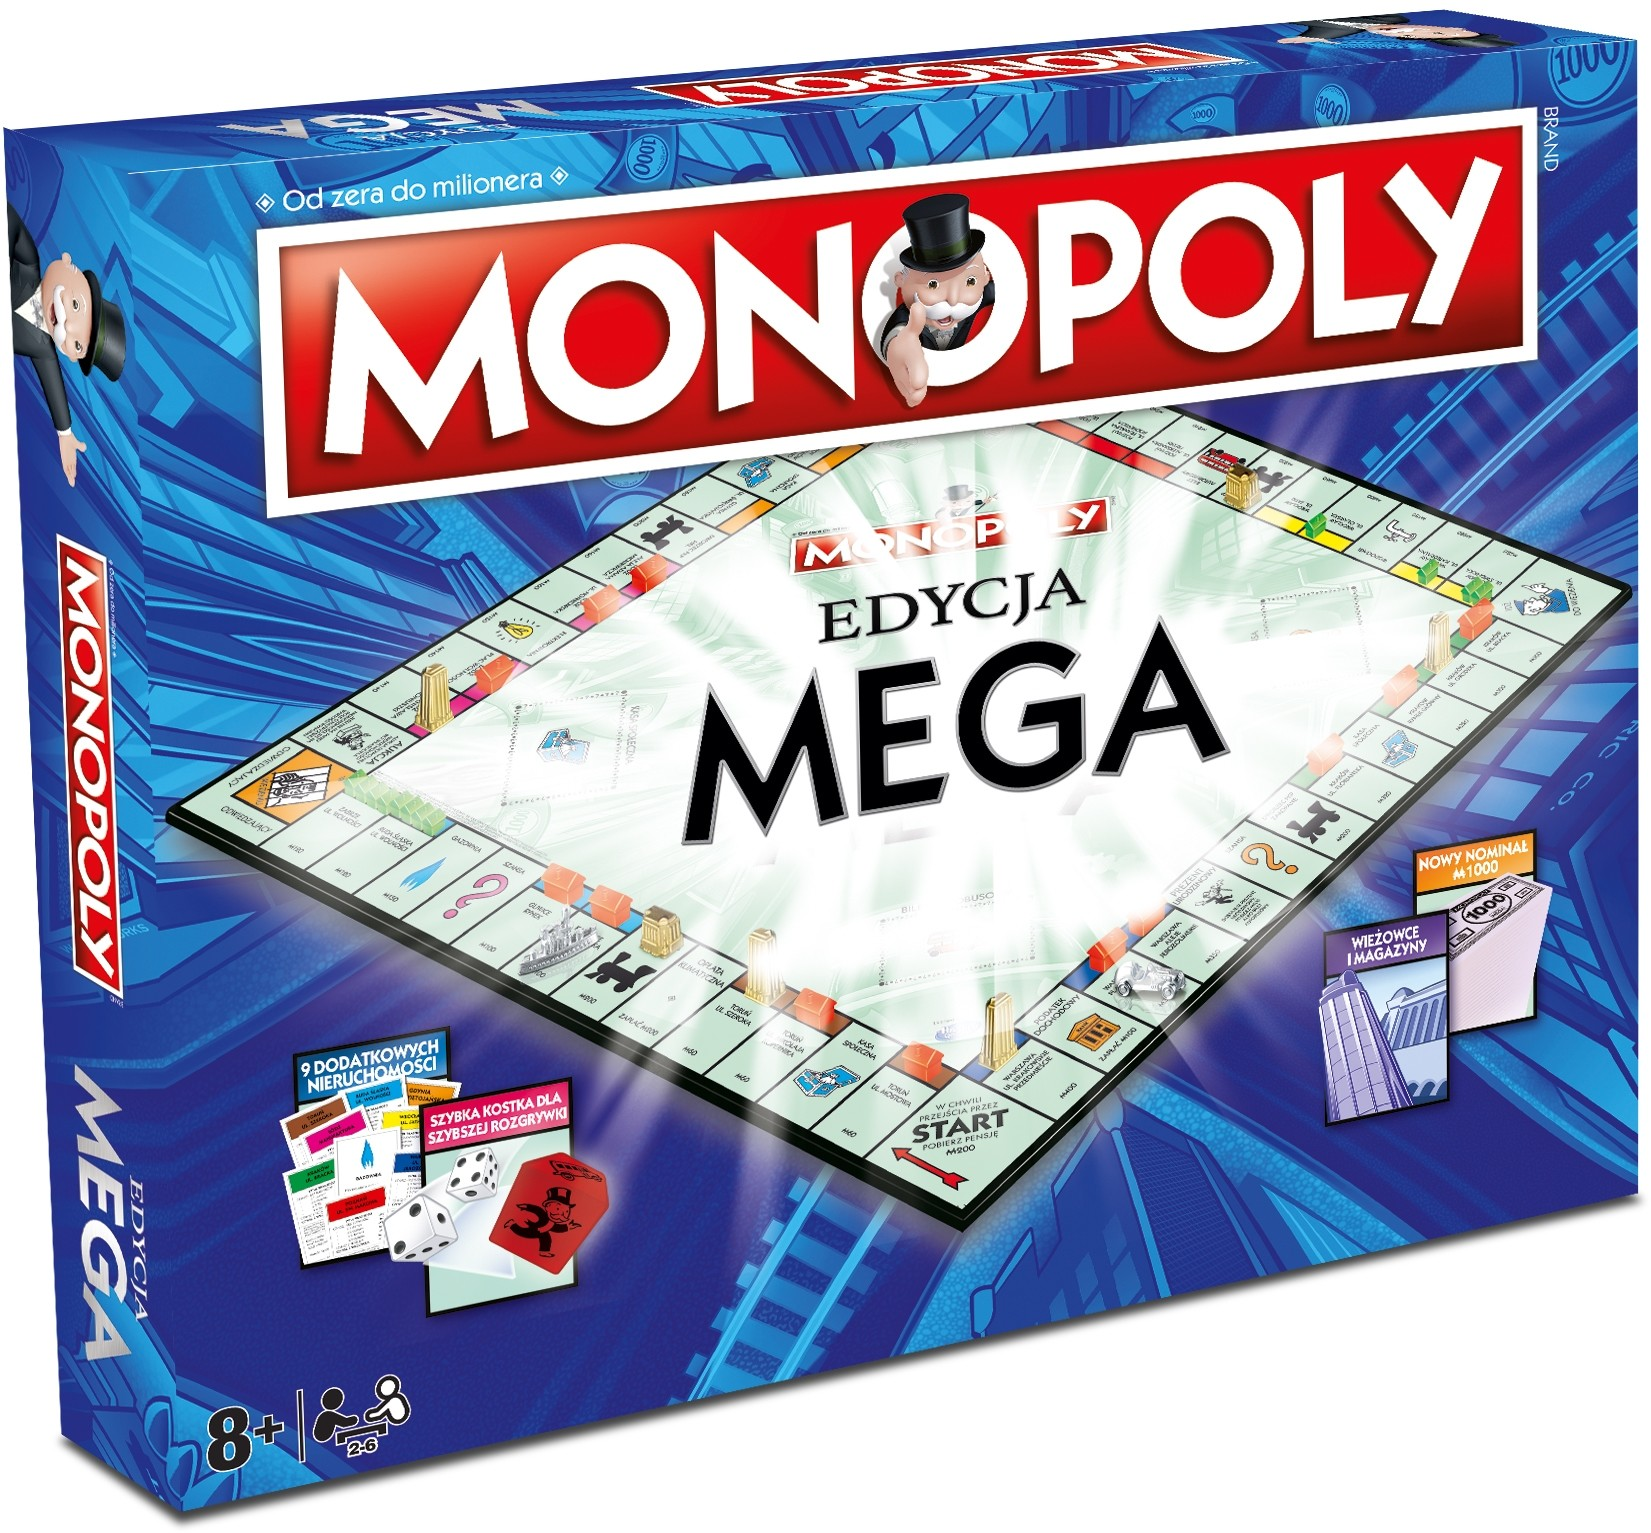 Monopoly edycja MEGA